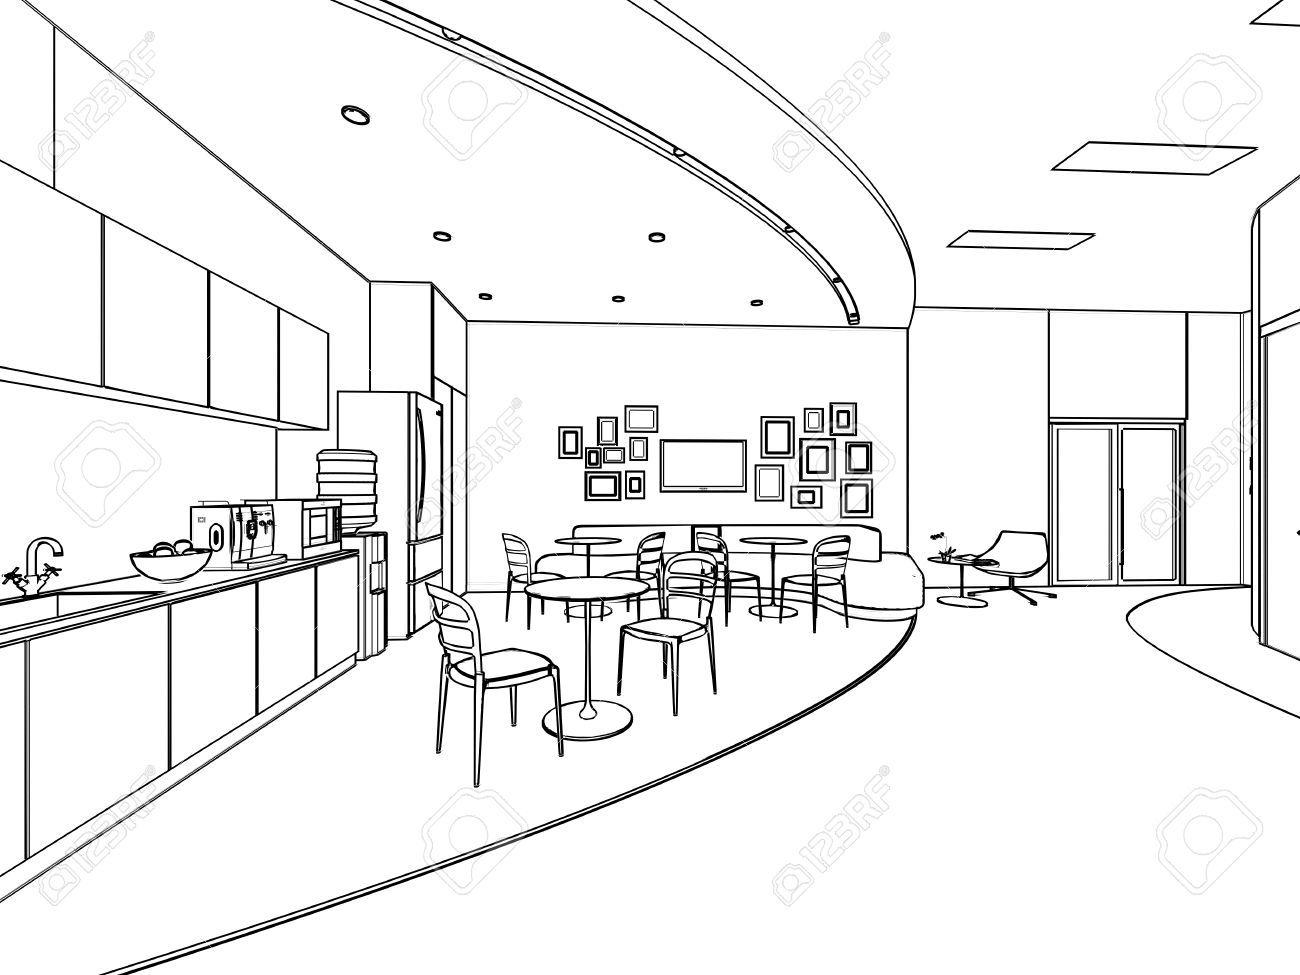 Superb Grundriss Skizze Zeichnung Eines Innenraums